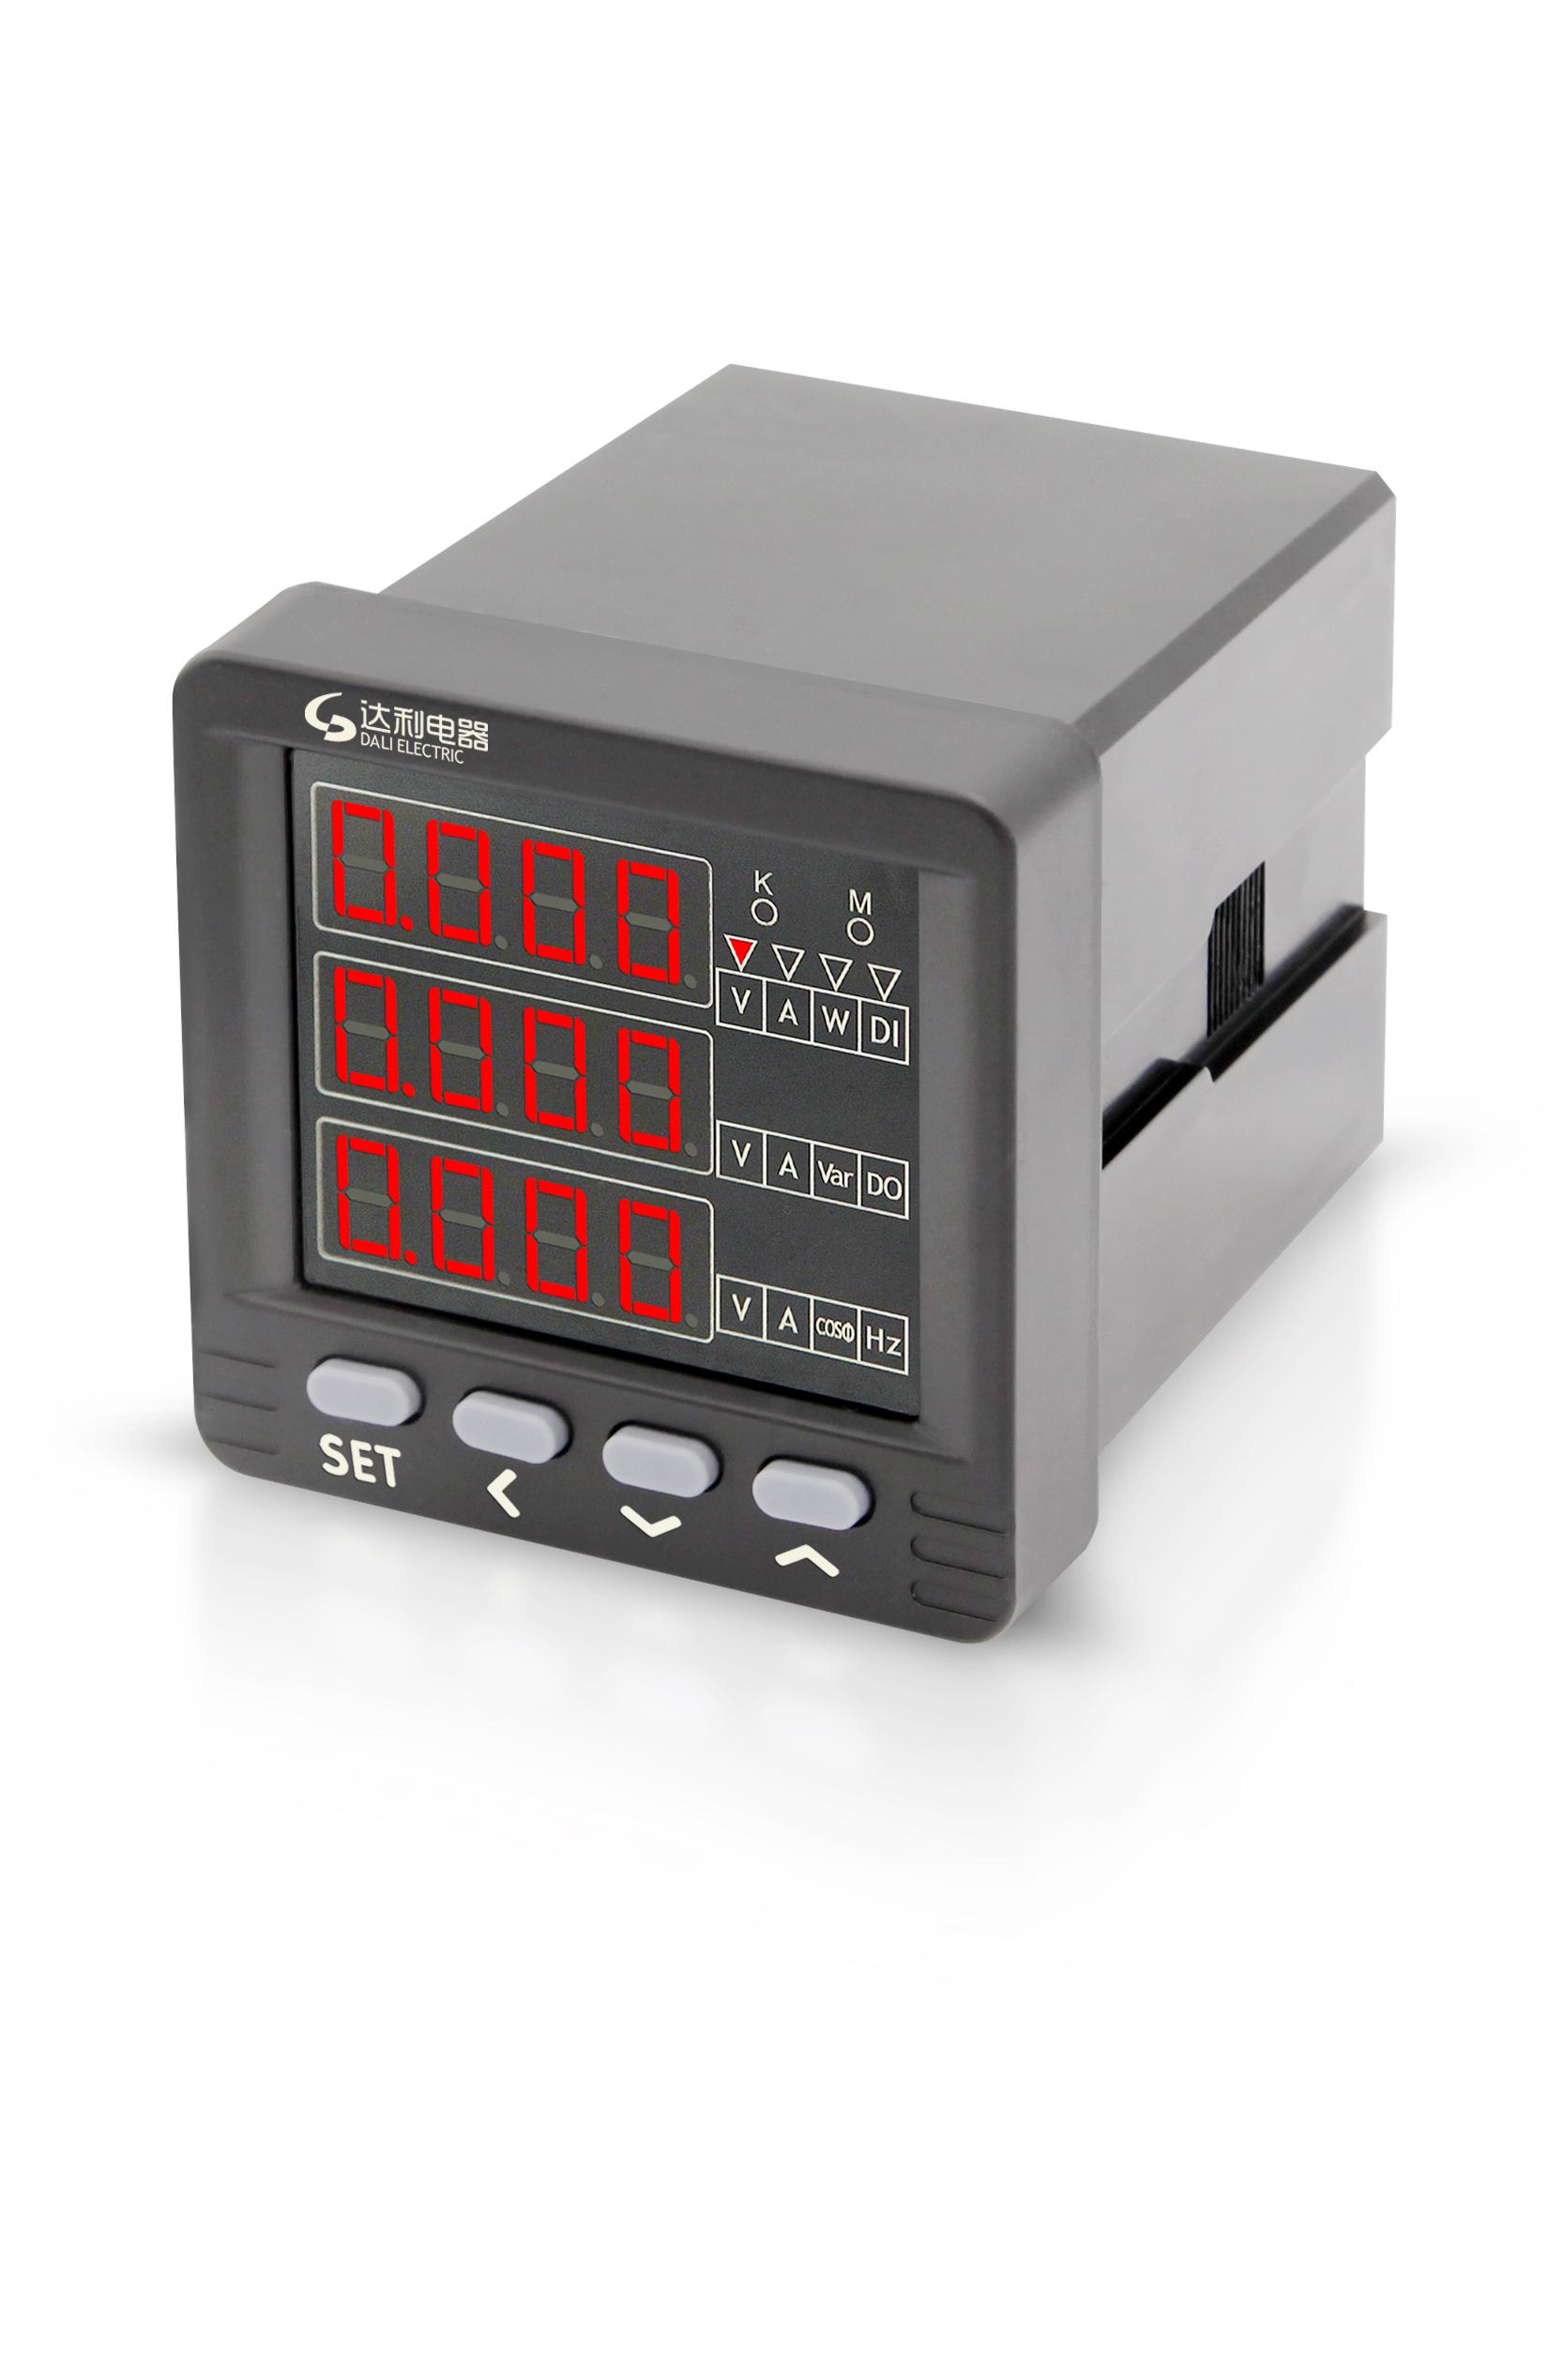 白水大冶多功能电力仪表TK200S市场价格真的靠谱吗?